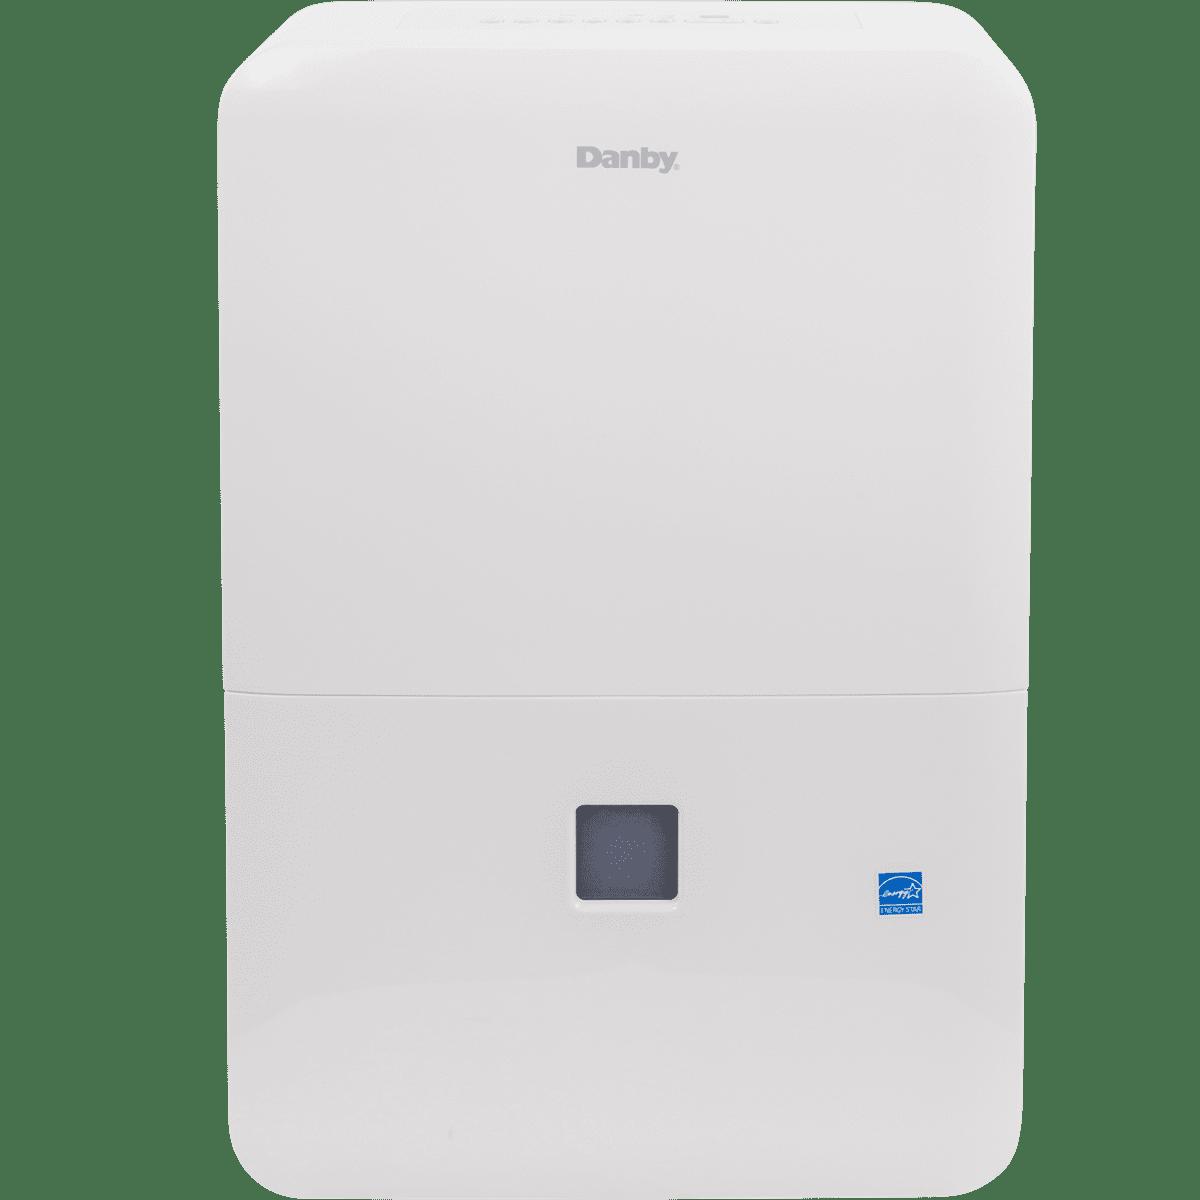 Danby DDR060BDWDB 60-Pint Dehumidifier da4305